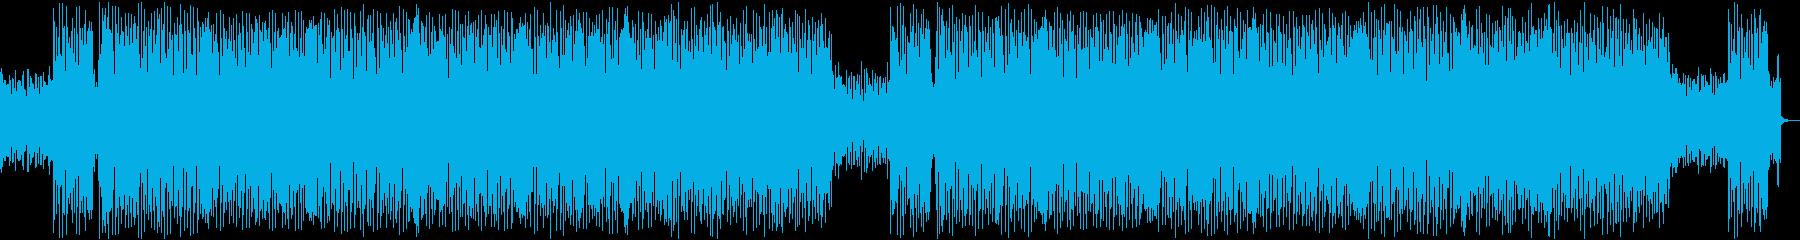 可愛い・配信・VTuber・お洒落の再生済みの波形